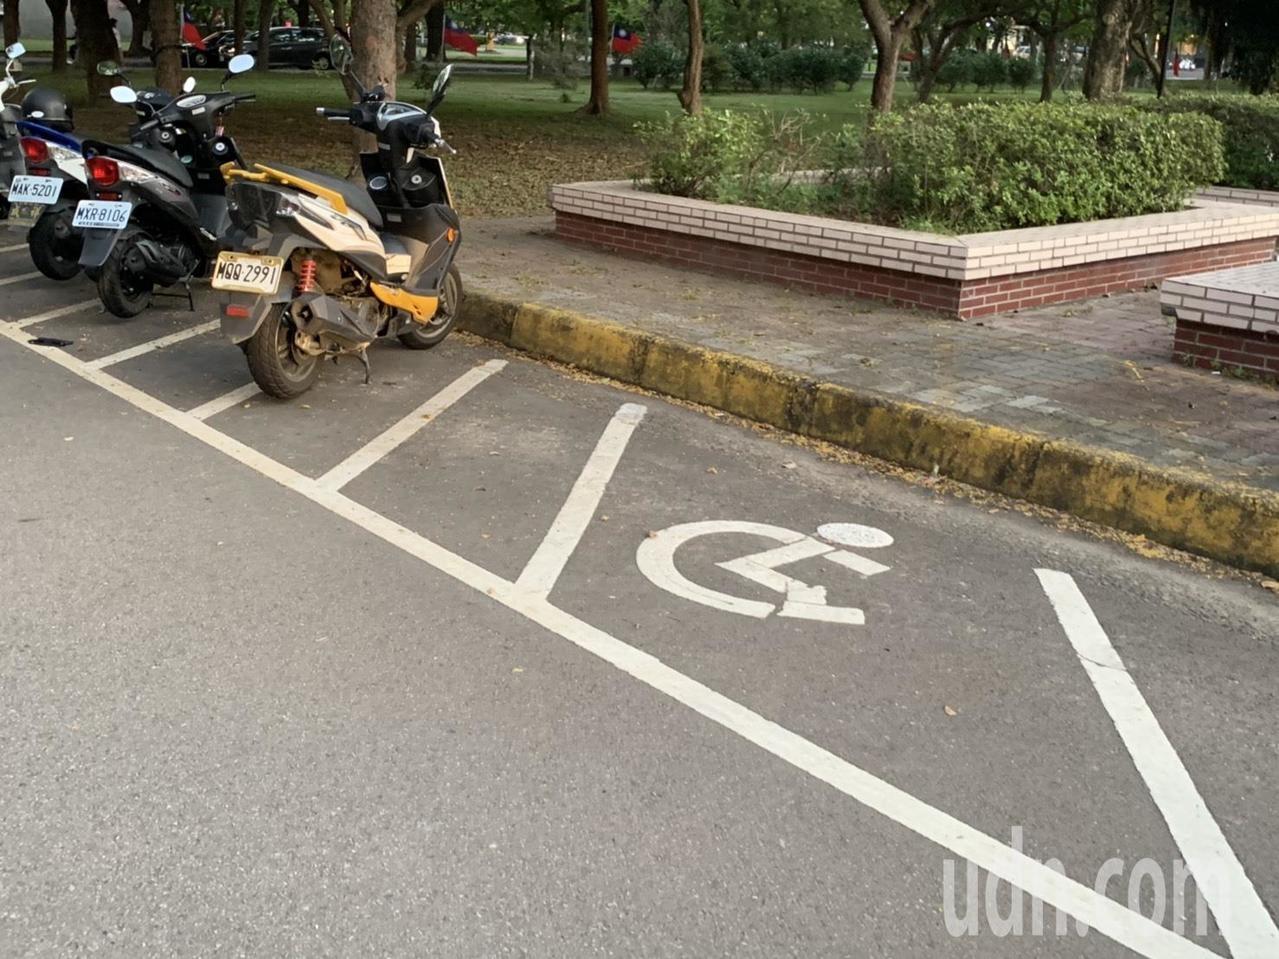 竹縣身障人口達2萬人 公設無障礙機車停車格卻僅12個   好房網News